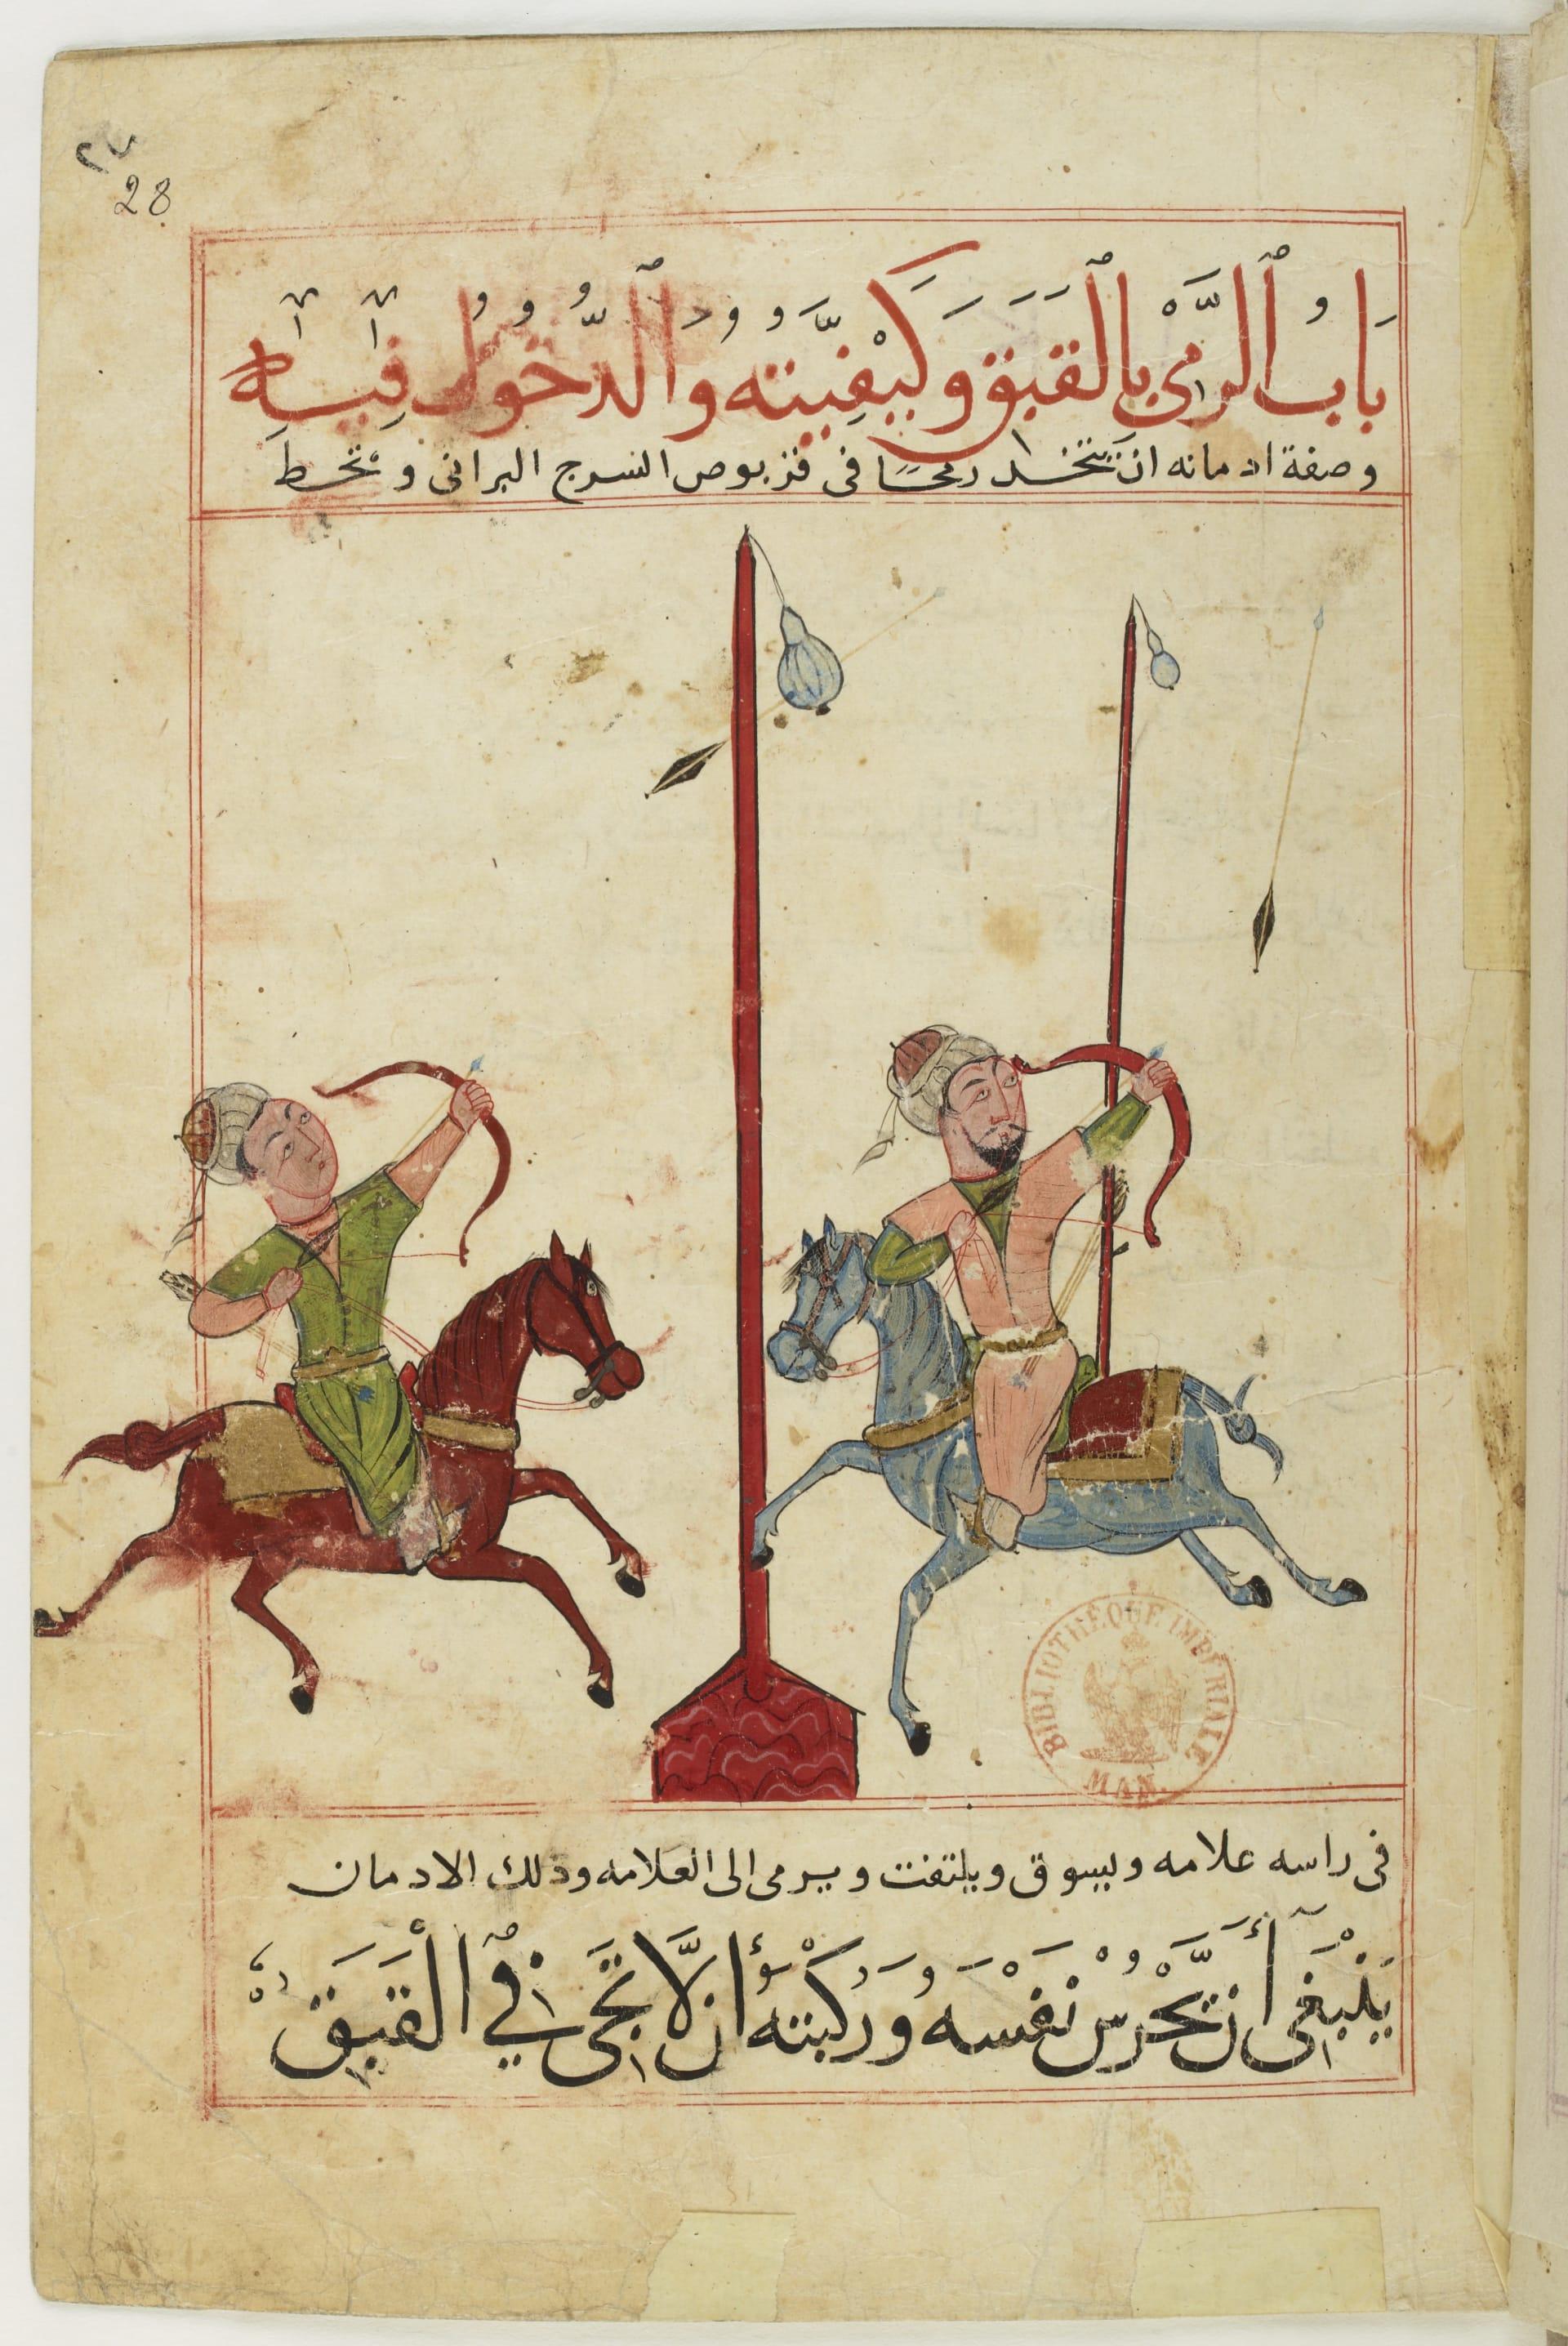 """الفروسية في الشرق والغرب يلتقيان في """"مقارنة غير مسبوقة"""" بمتحف اللوفر أبوظبي"""